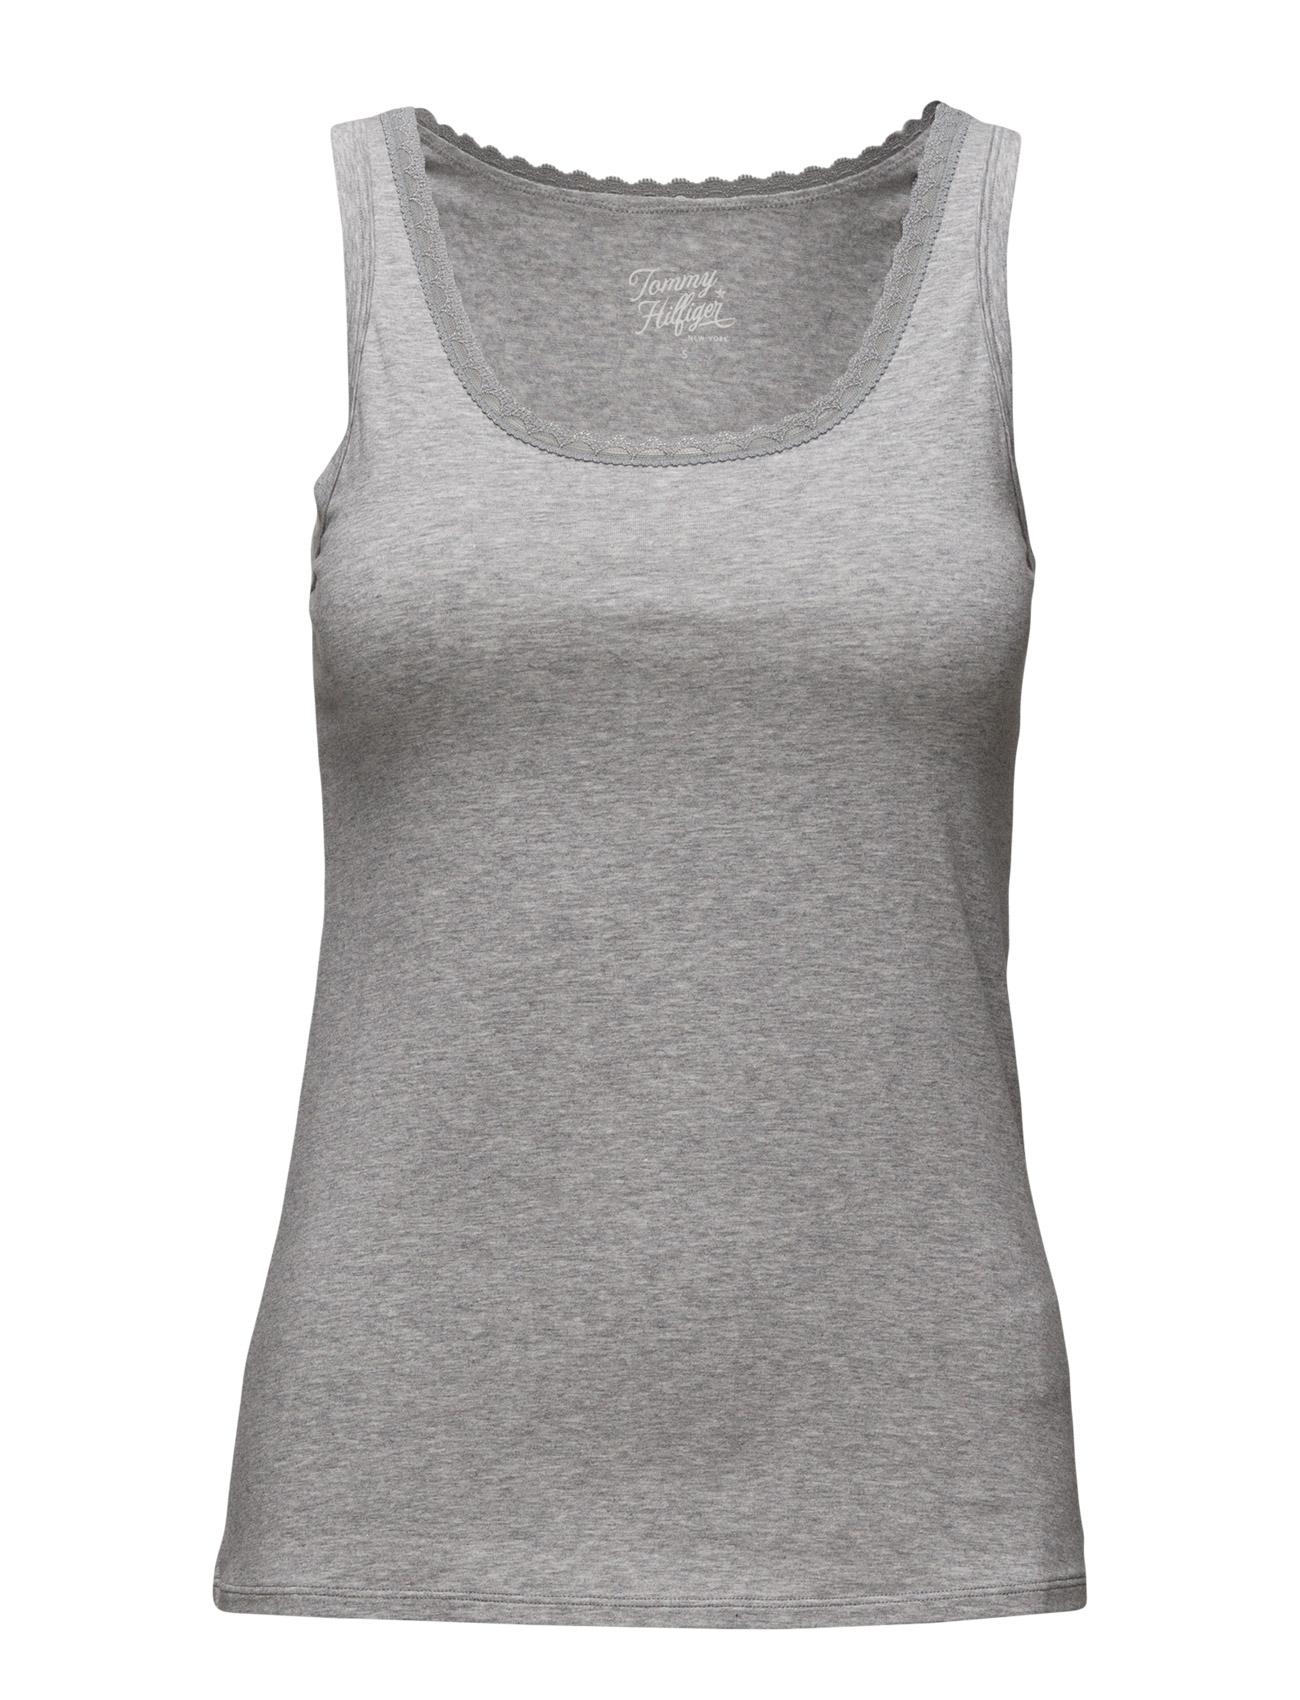 Cotton Cami Top Comfort Tommy Hilfiger Loungewear til Damer i Grå